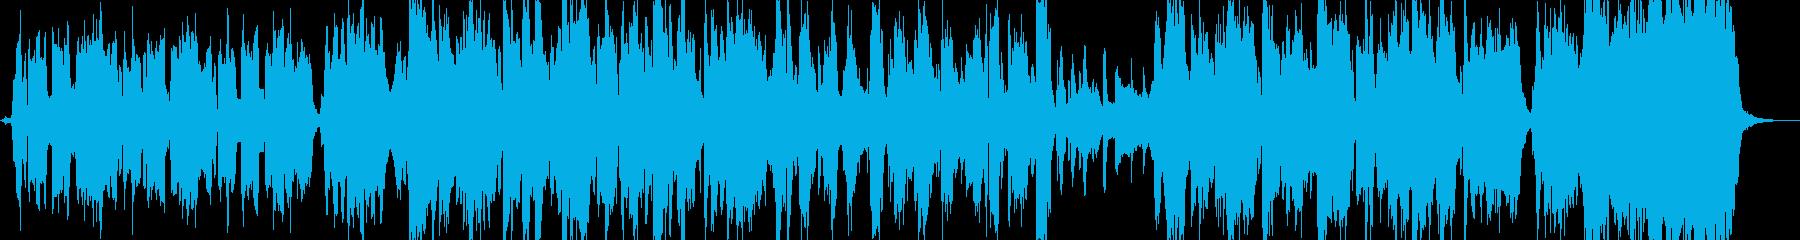 ドゥーワップのアカペララヴソングの再生済みの波形